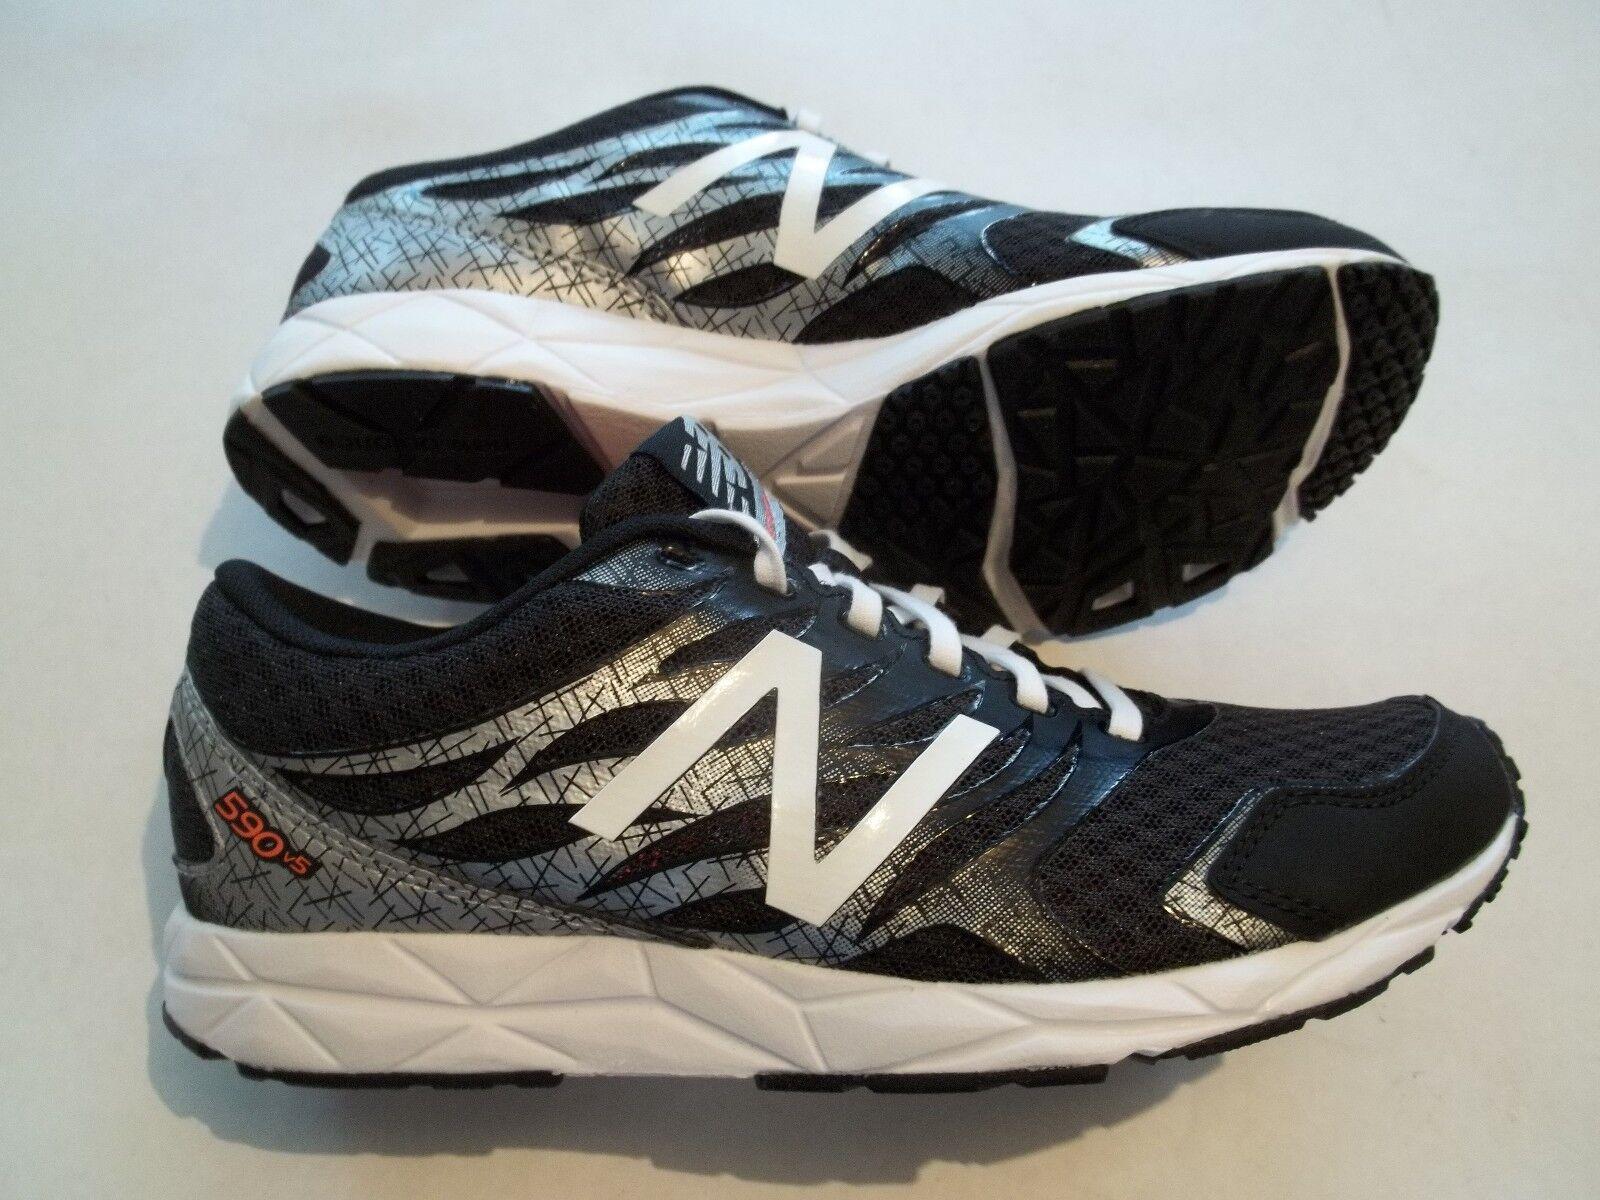 Nouveau New Balance 590 V5 femme Taille 6.5 chaussures B Largeur W590LB5 noir argent